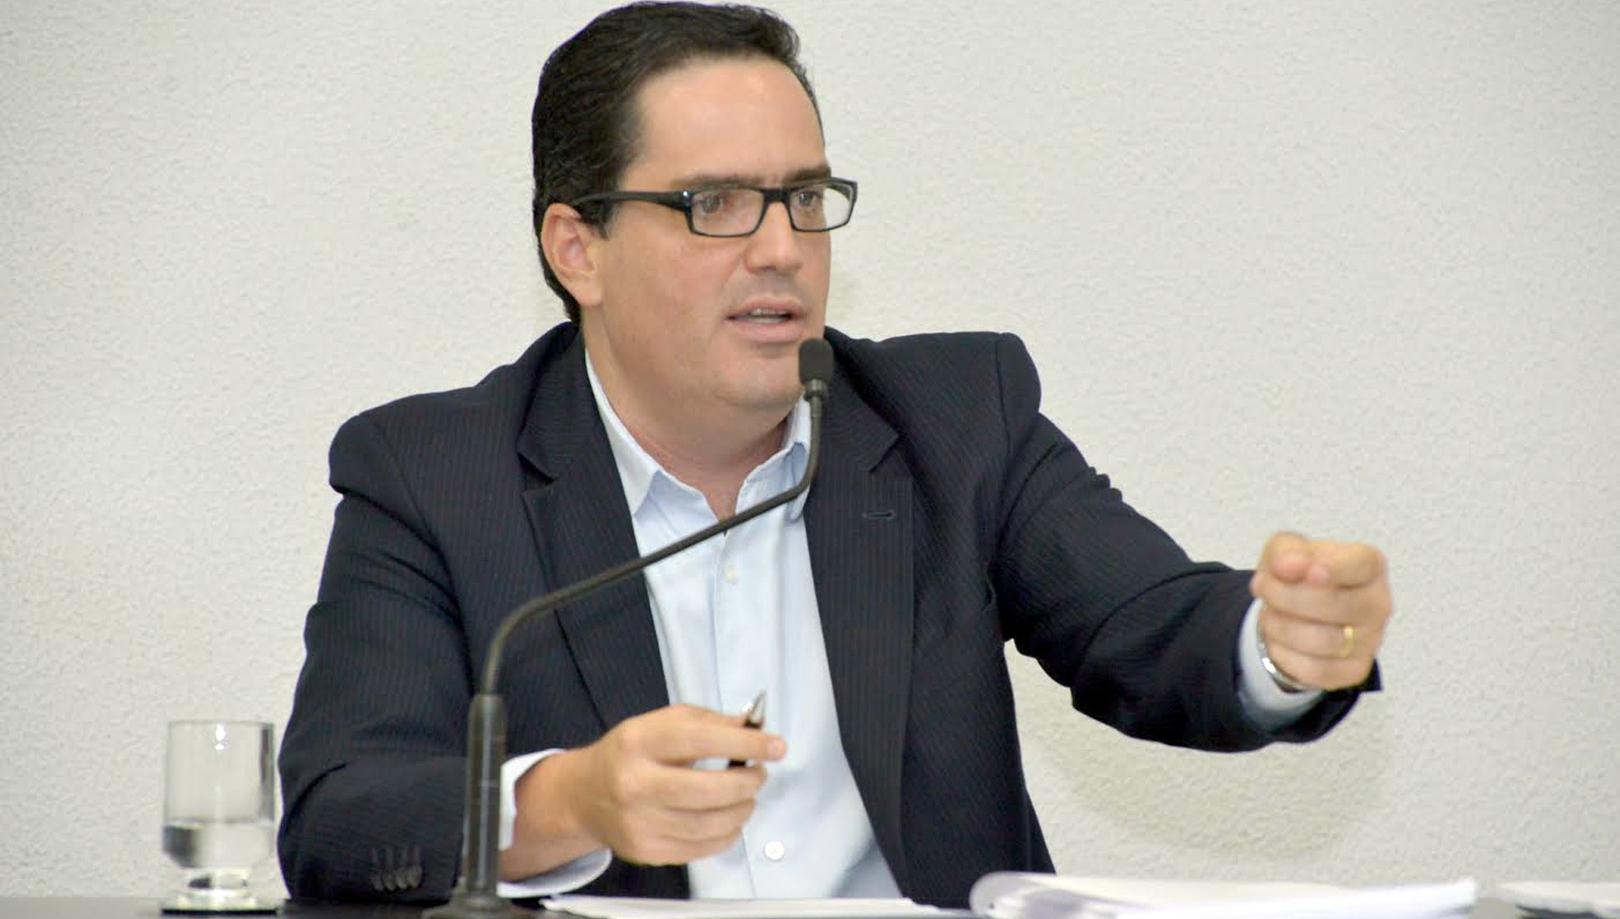 Doutor em História lança livro sobre a trajetória do Ministério Público rumo à meritocracia